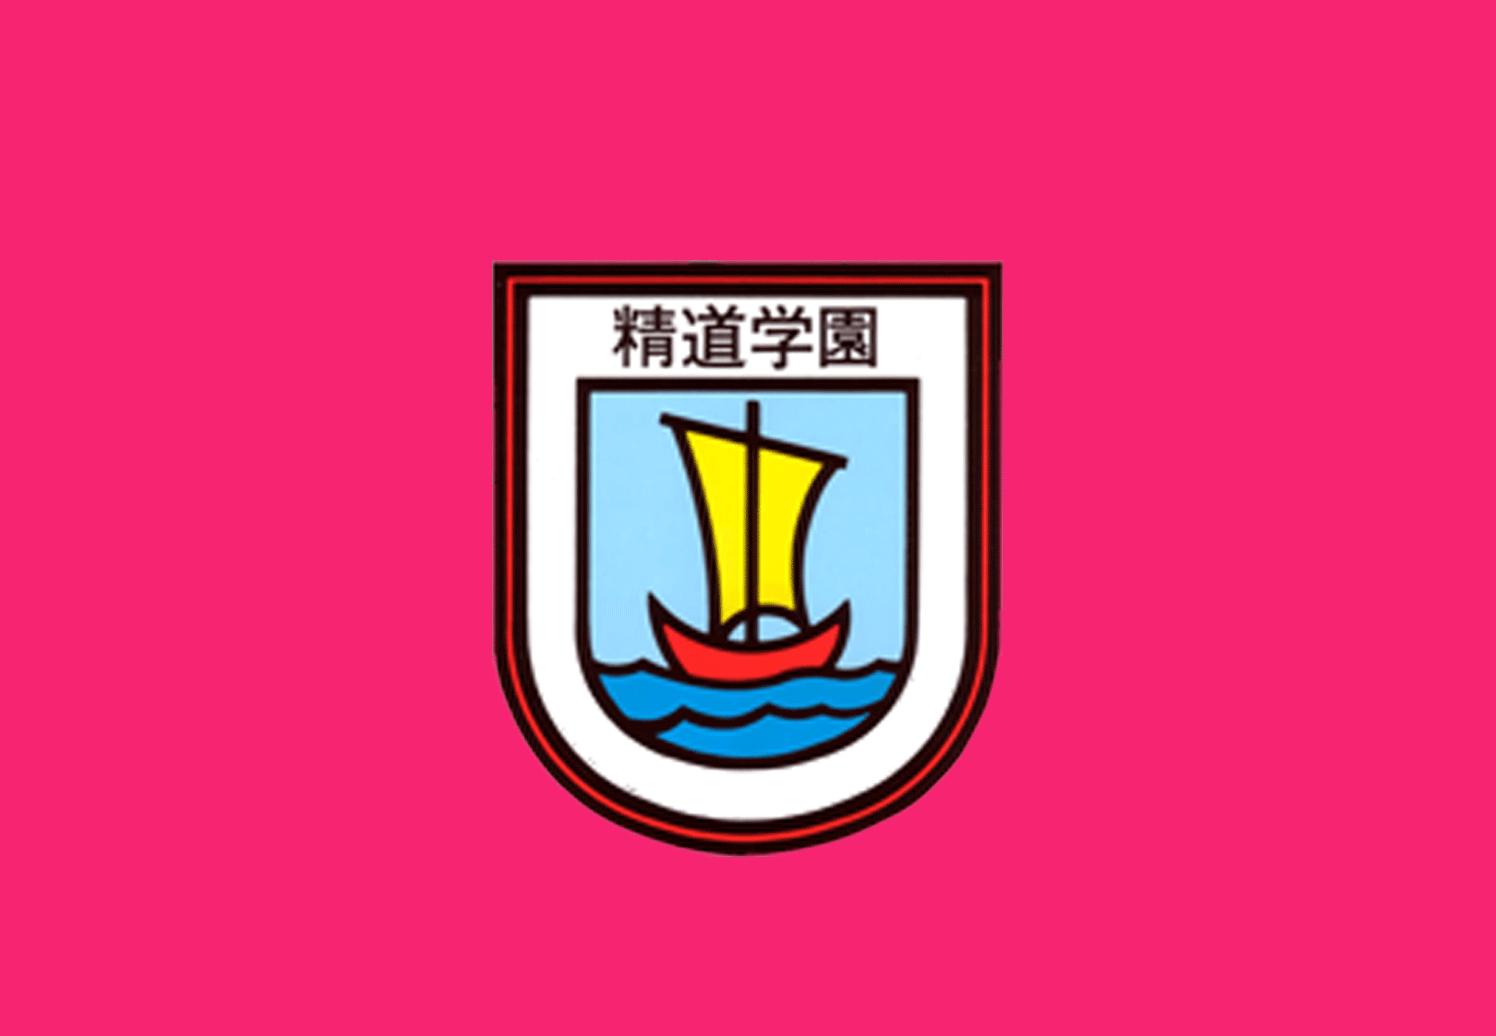 長崎精道小学校・中学校の入学案内資料請求